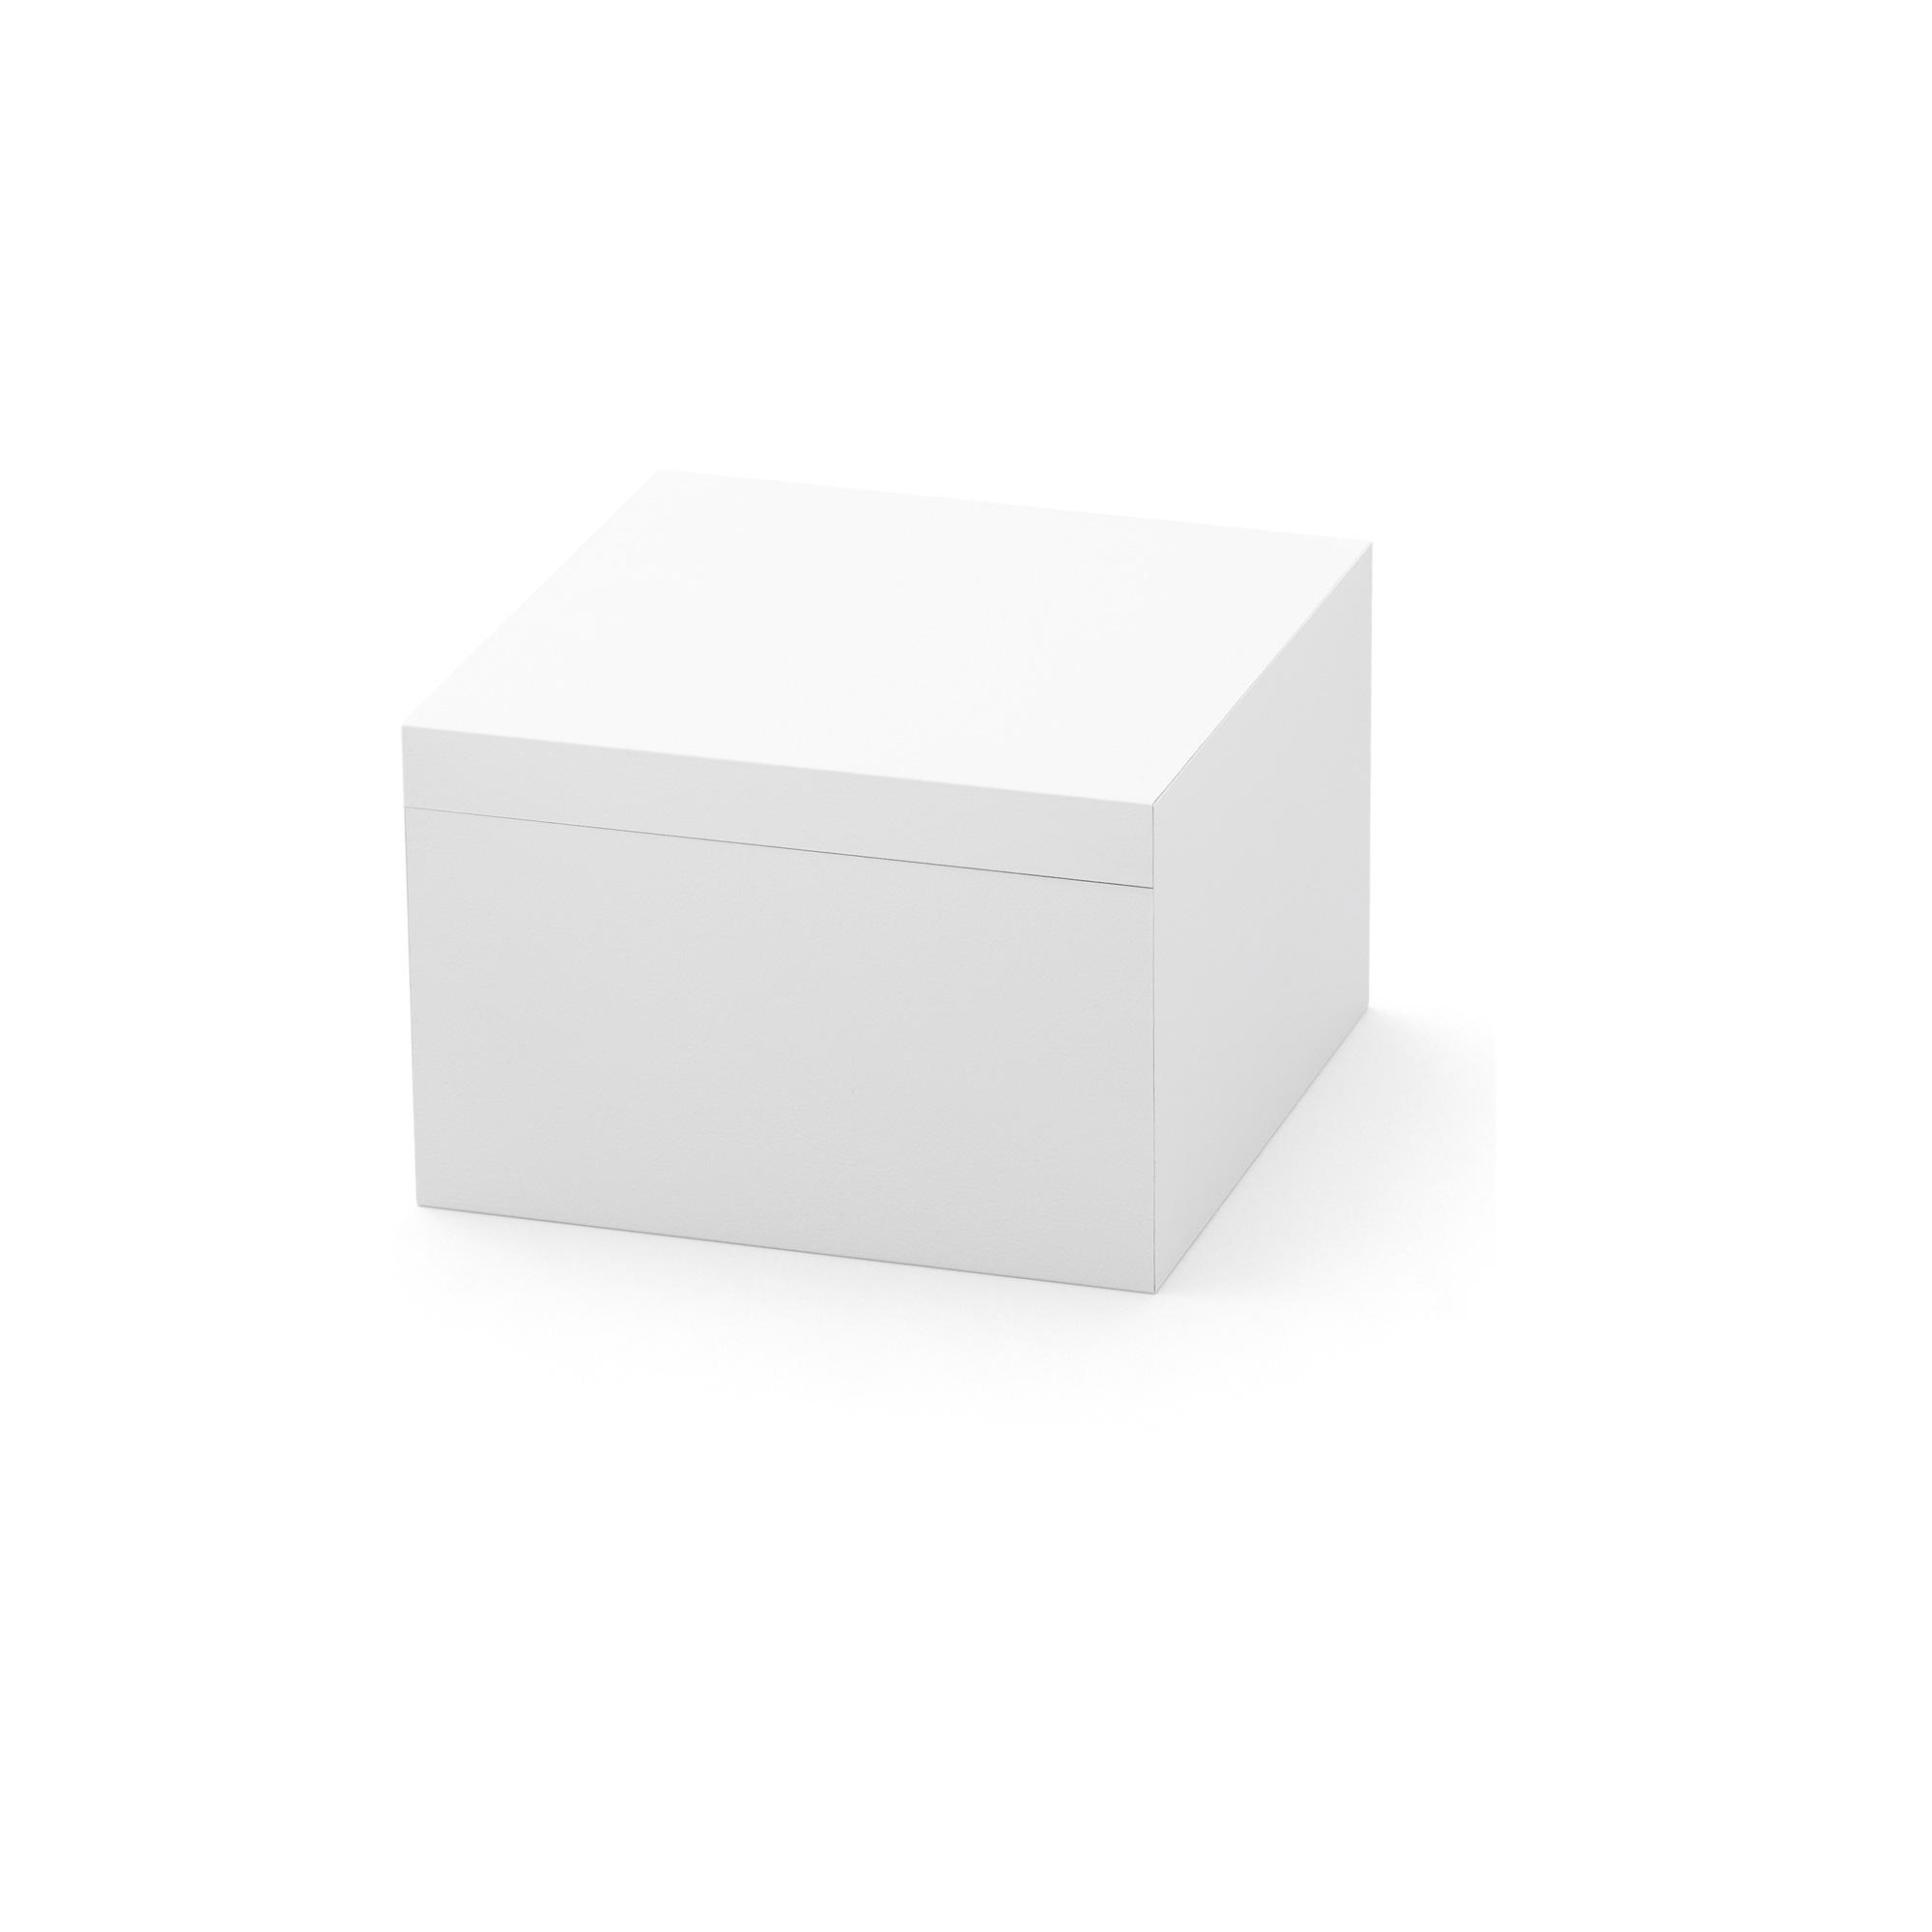 WHITEBOX universal high